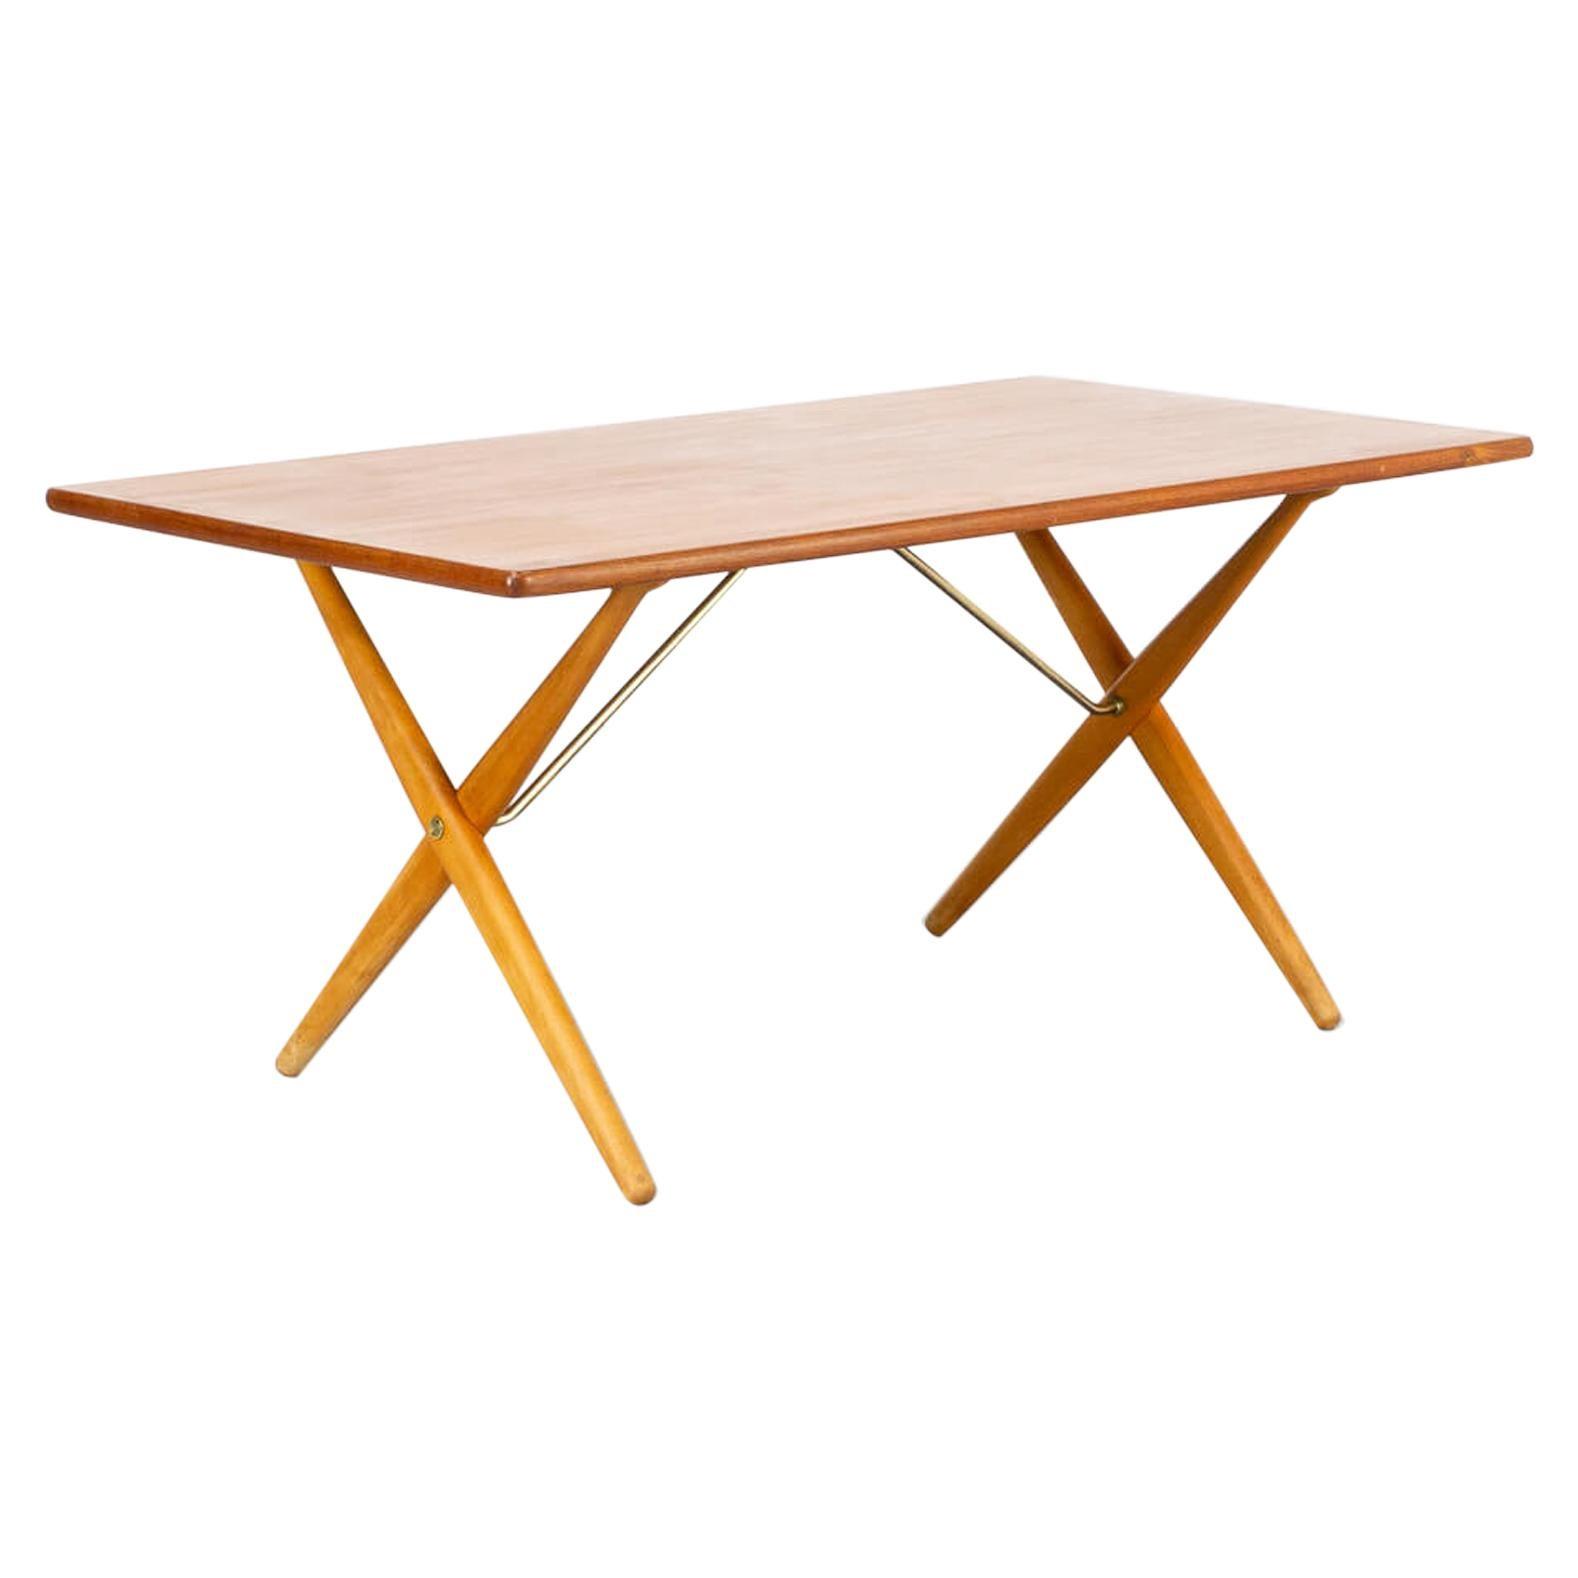 60s Hans J. Wegner 'AT-303' Dining Table for Andreas Tuck